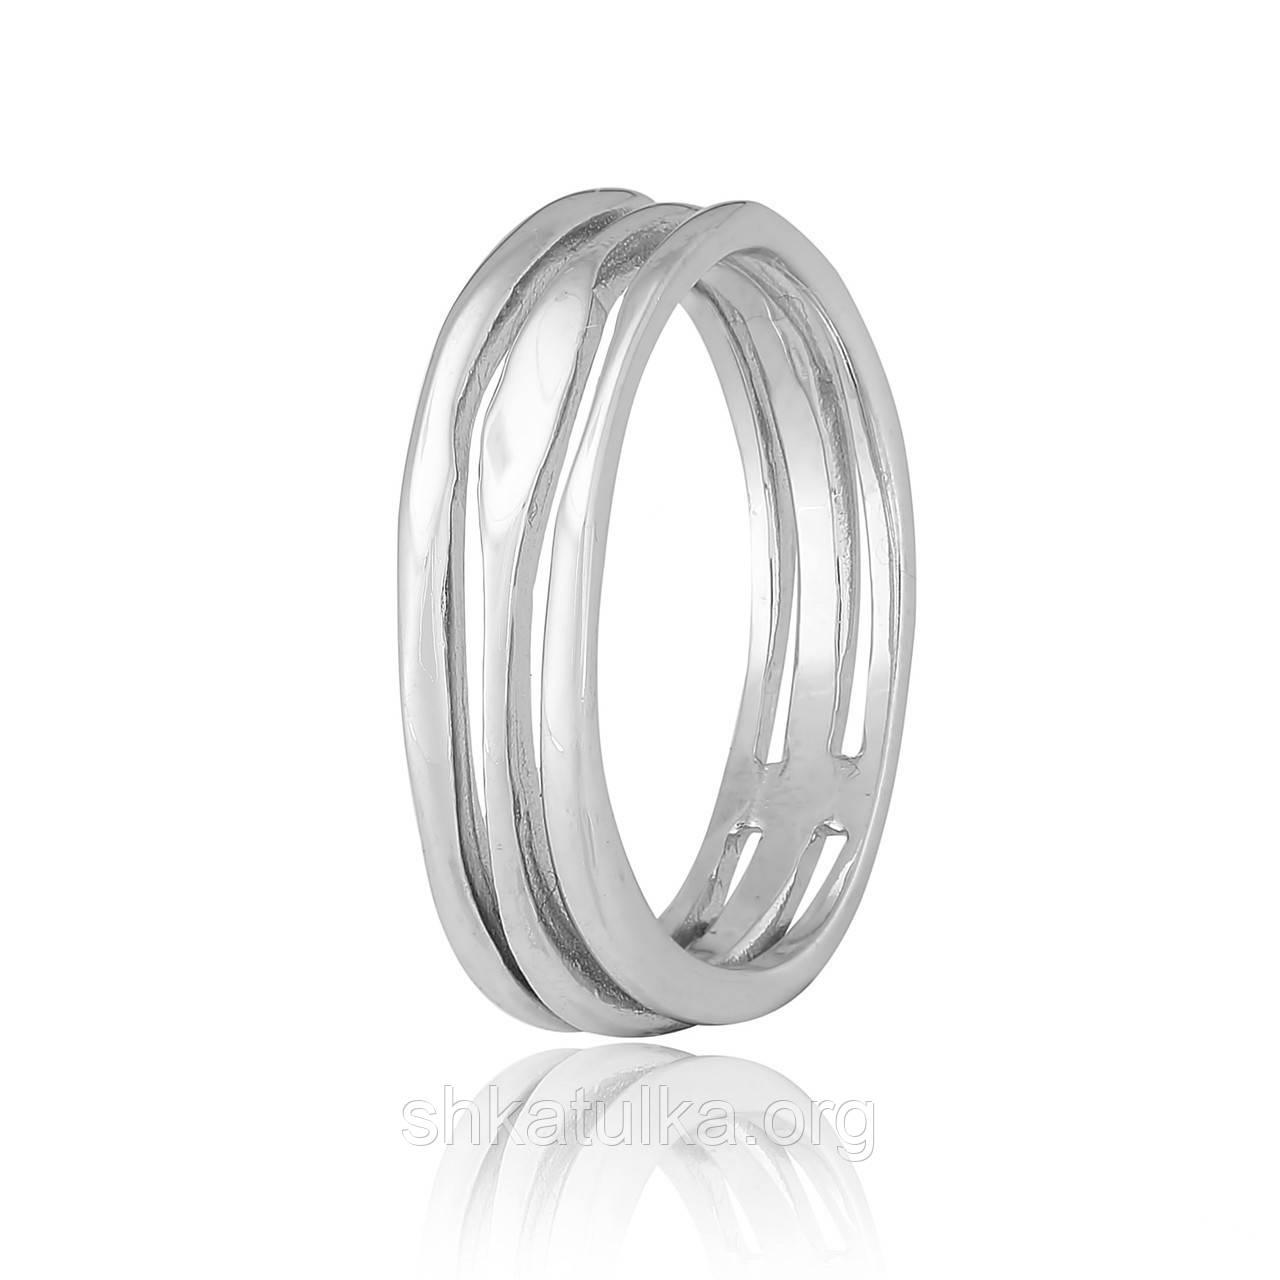 Серебряное кольцо К2/470 - 17,8